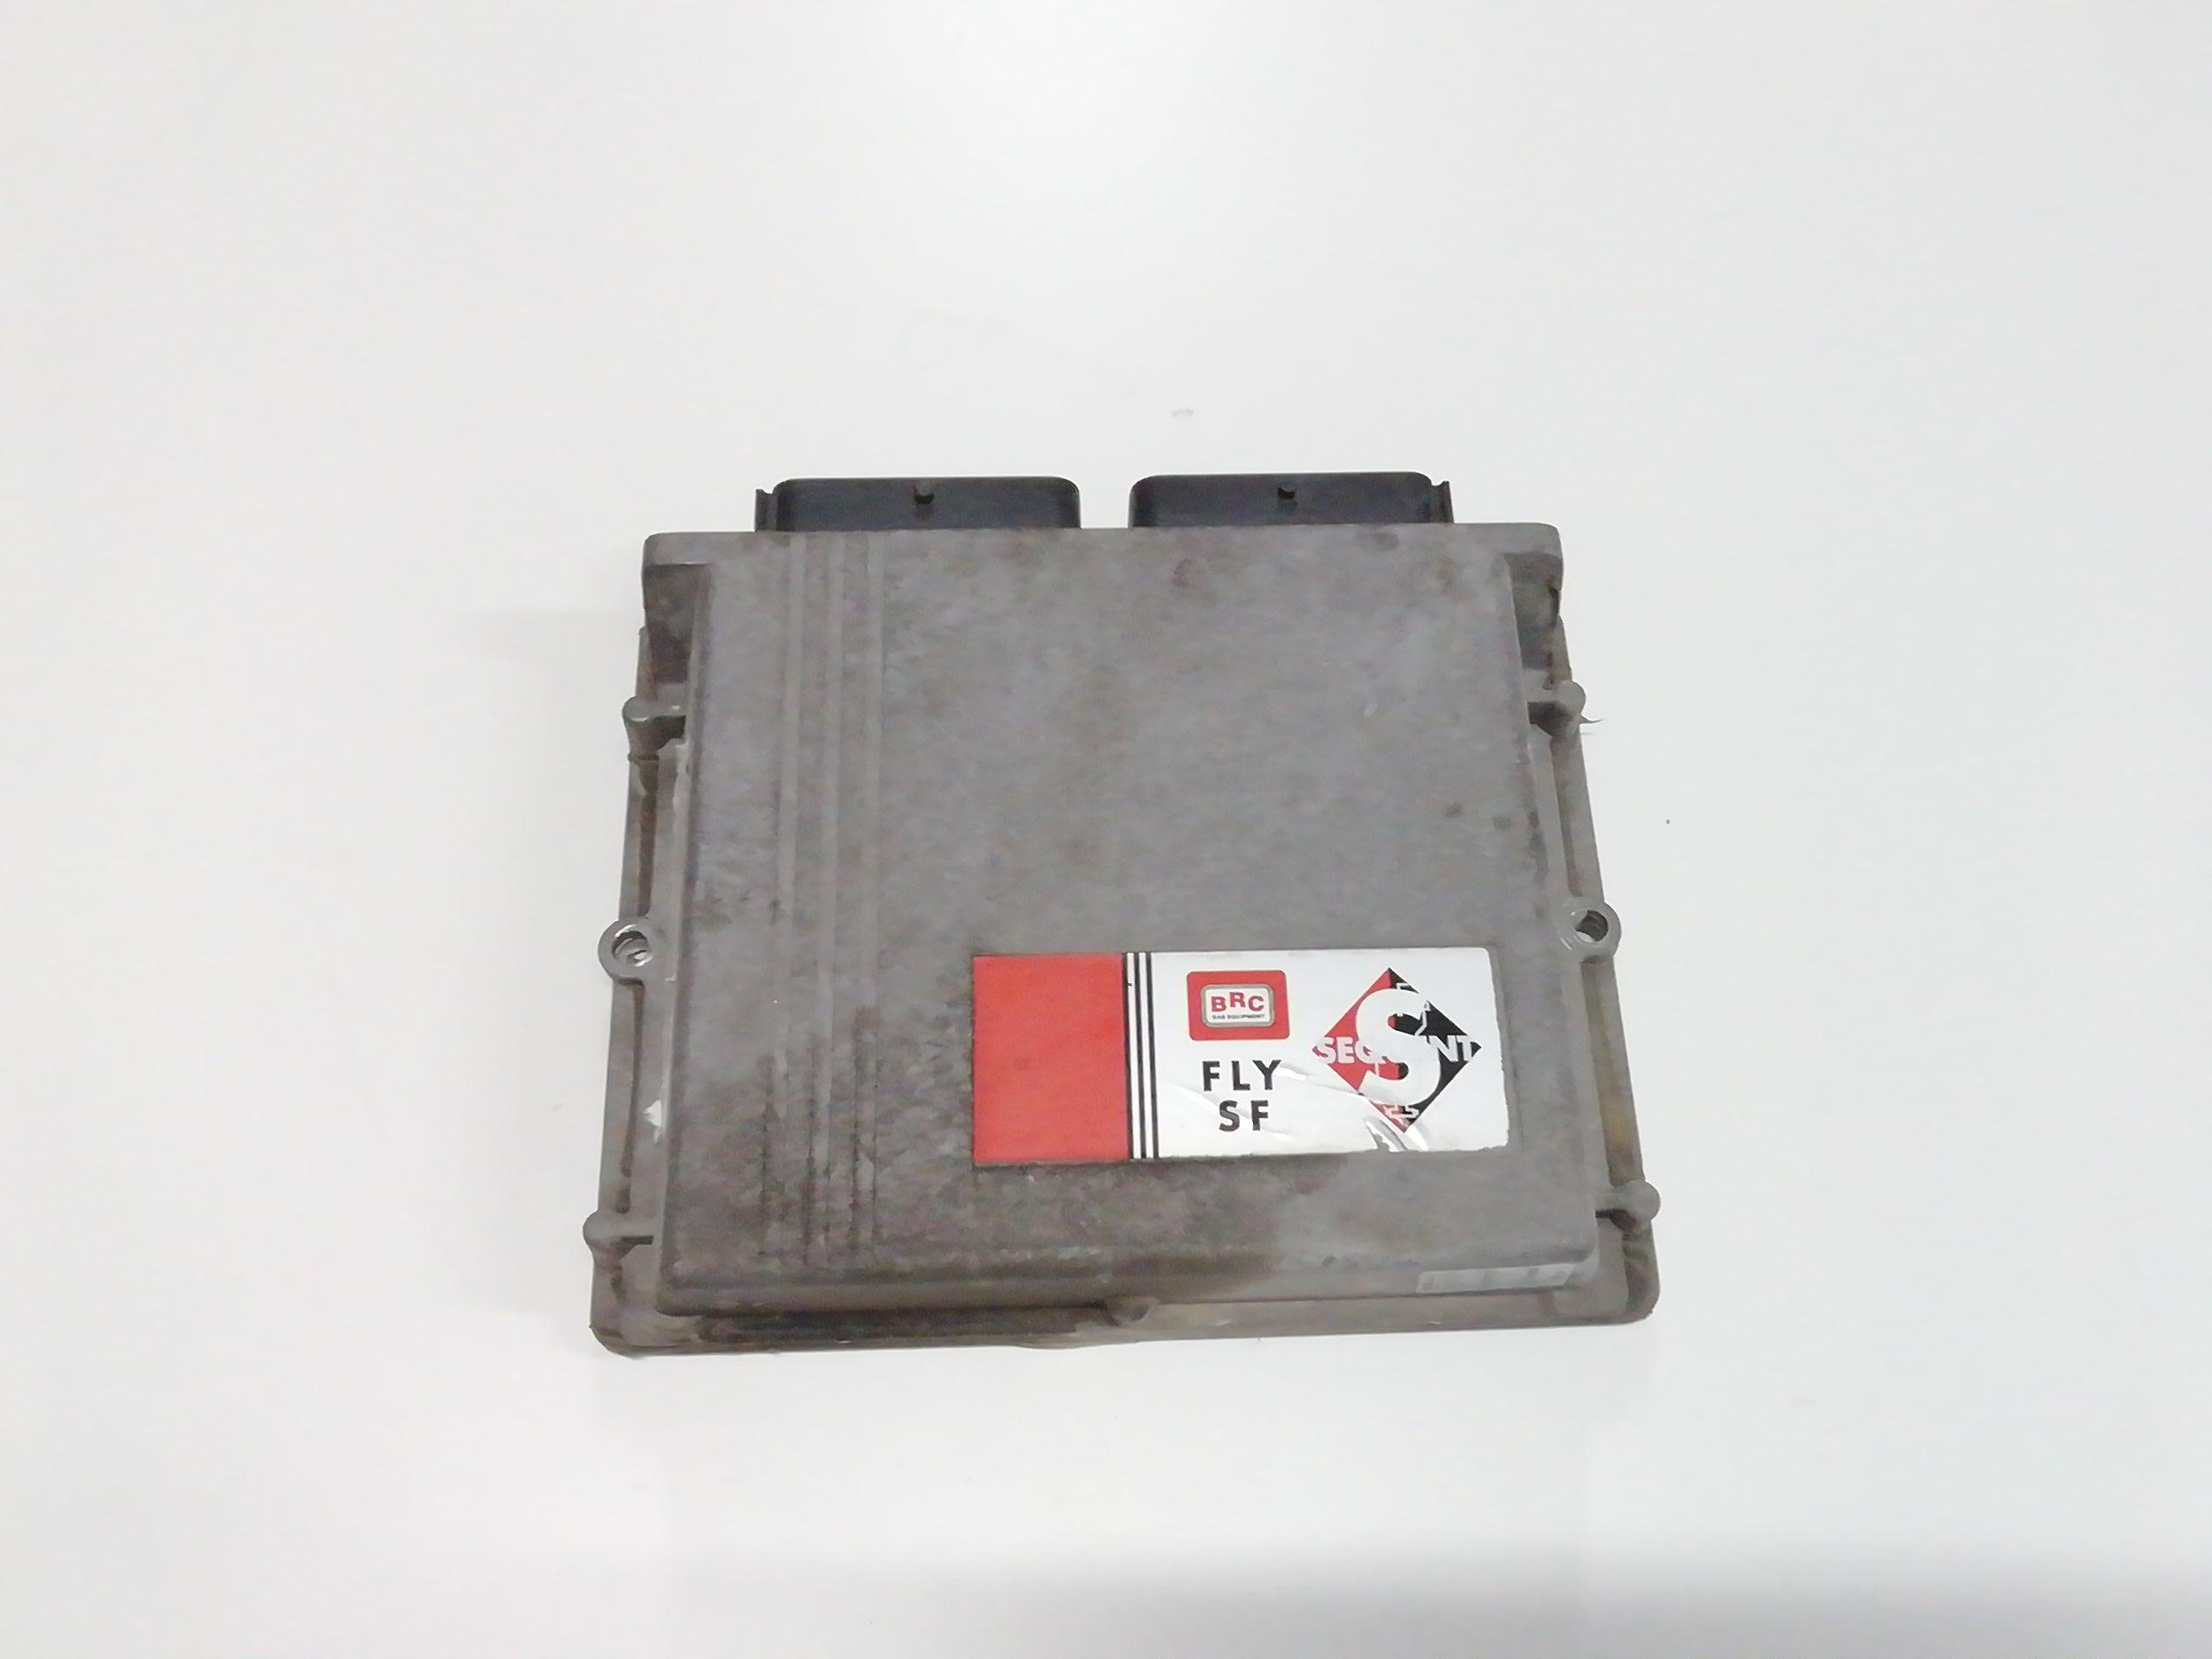 67R011002 CENTRALINA GPL MERCEDES Classe B W245 1° Serie 1500 Benzina 266920  (2006) RICAMBI USATI